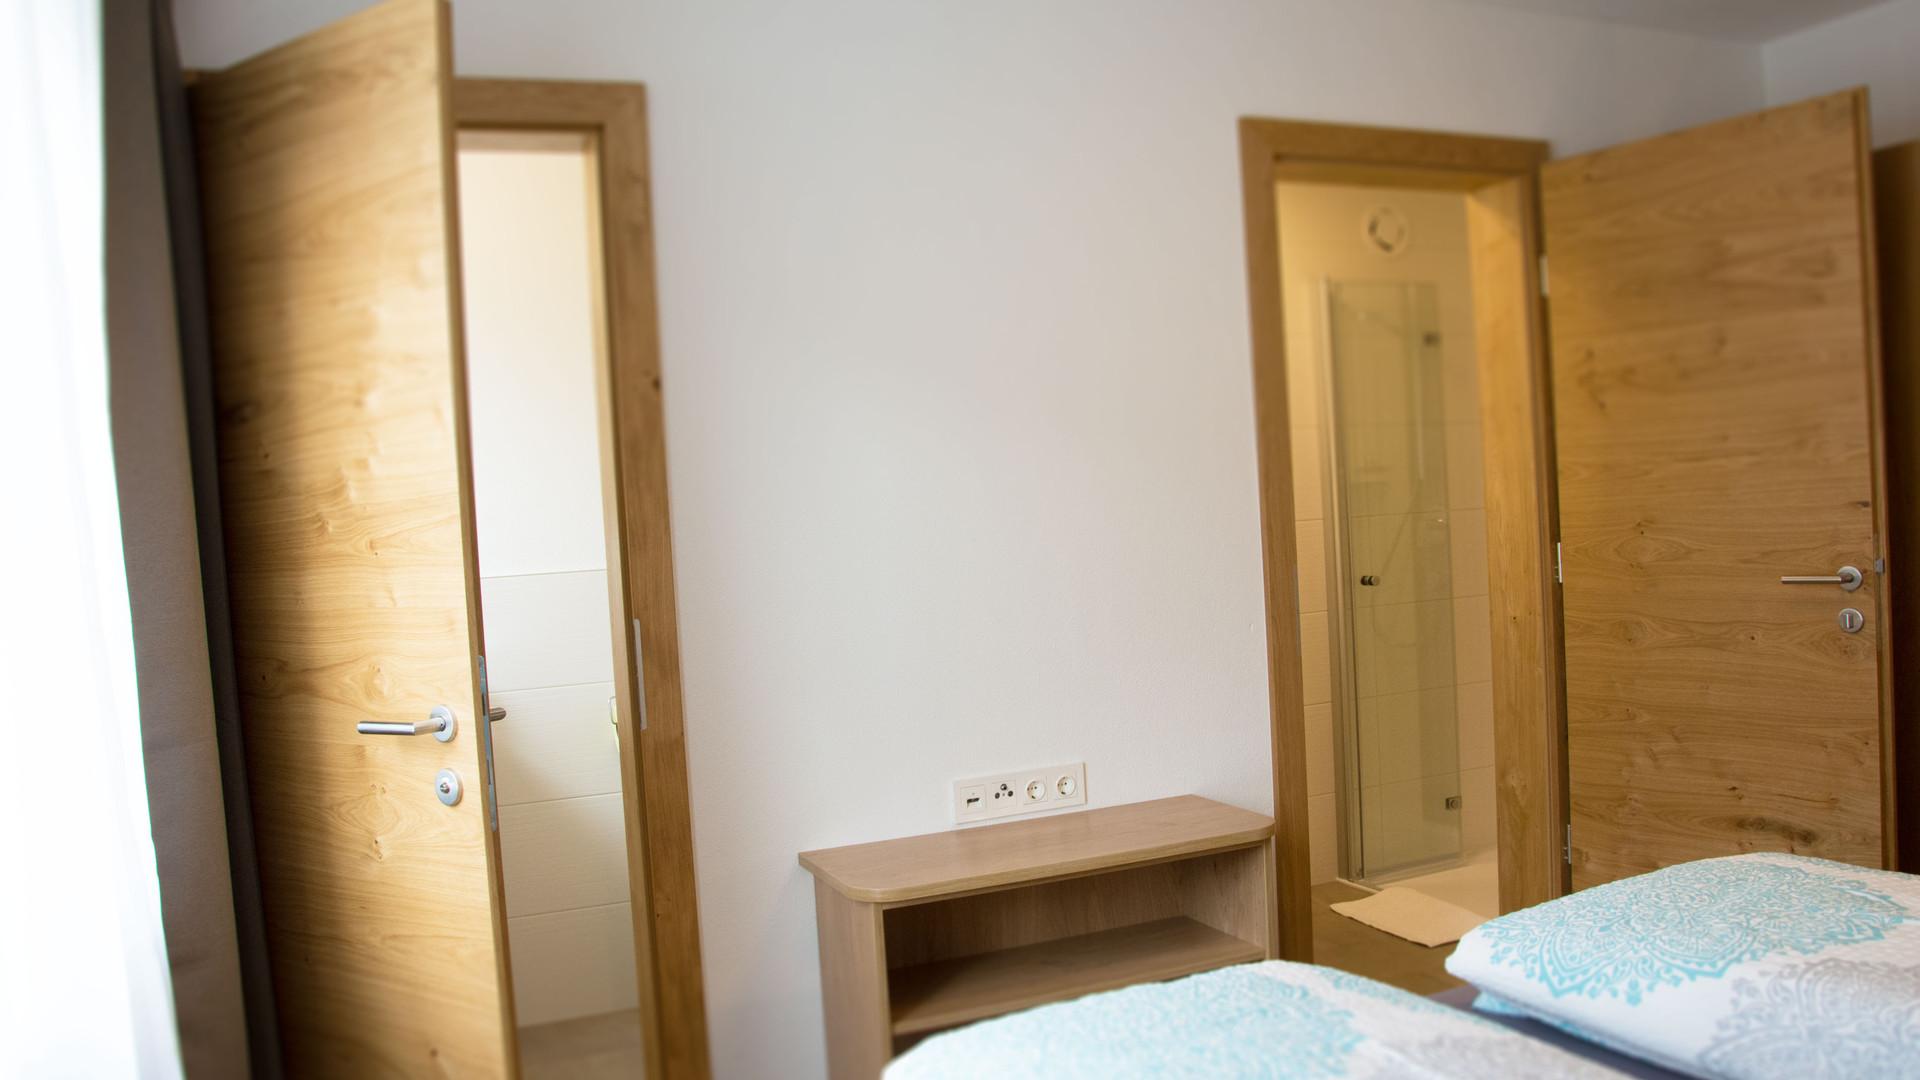 BLUAMEN: WC & Bad Schlafzimmer 2